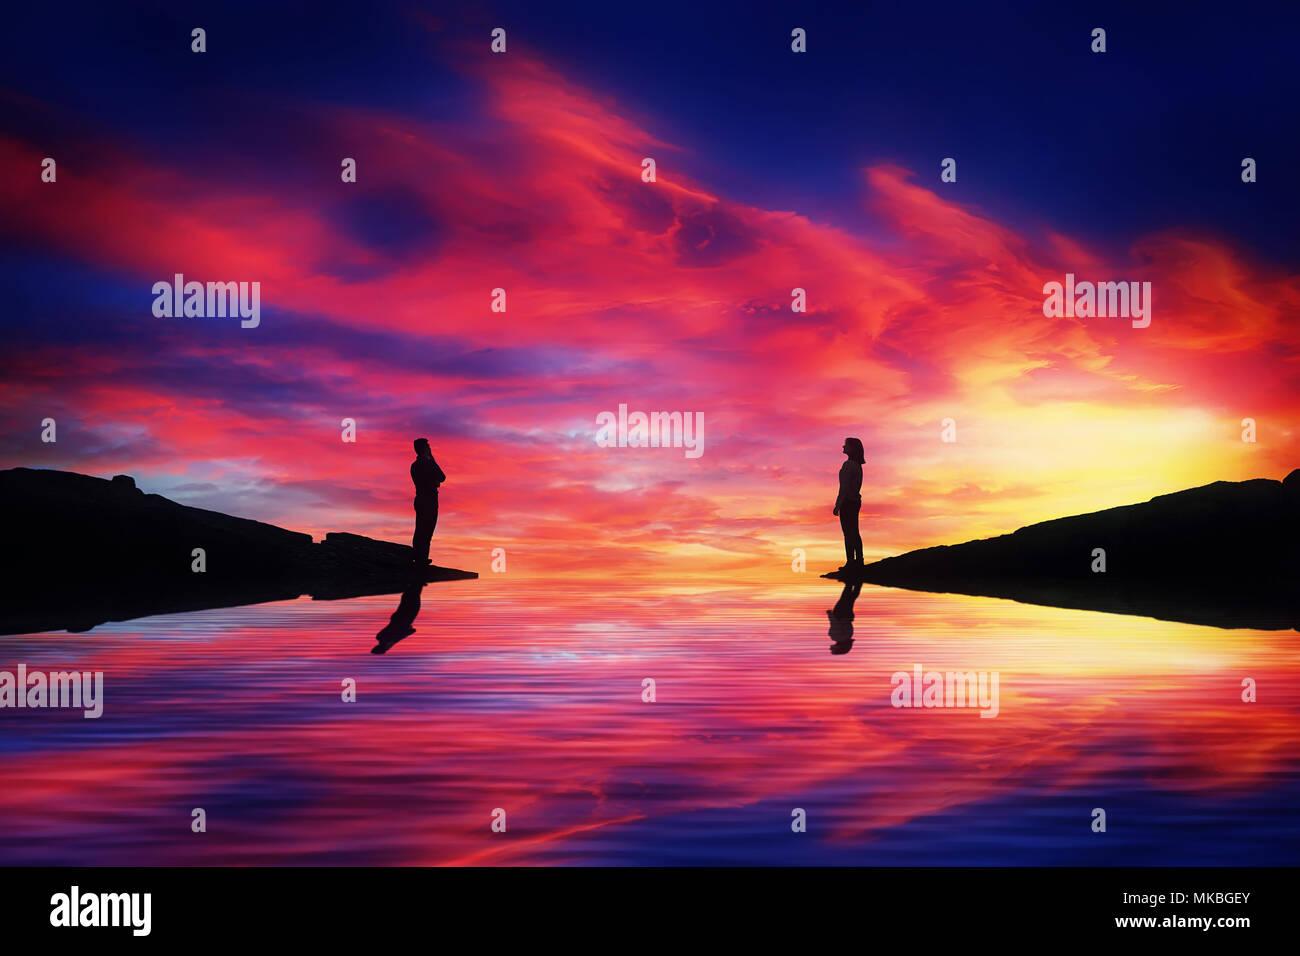 Ein Junge und ein Mädchen stehen auf verschiedenen Seiten der Fluss denken, wie sie einander über einen schönen Sonnenuntergang Hintergrund zu erreichen. Gebäude eine imaginäre Brücke. L Stockbild